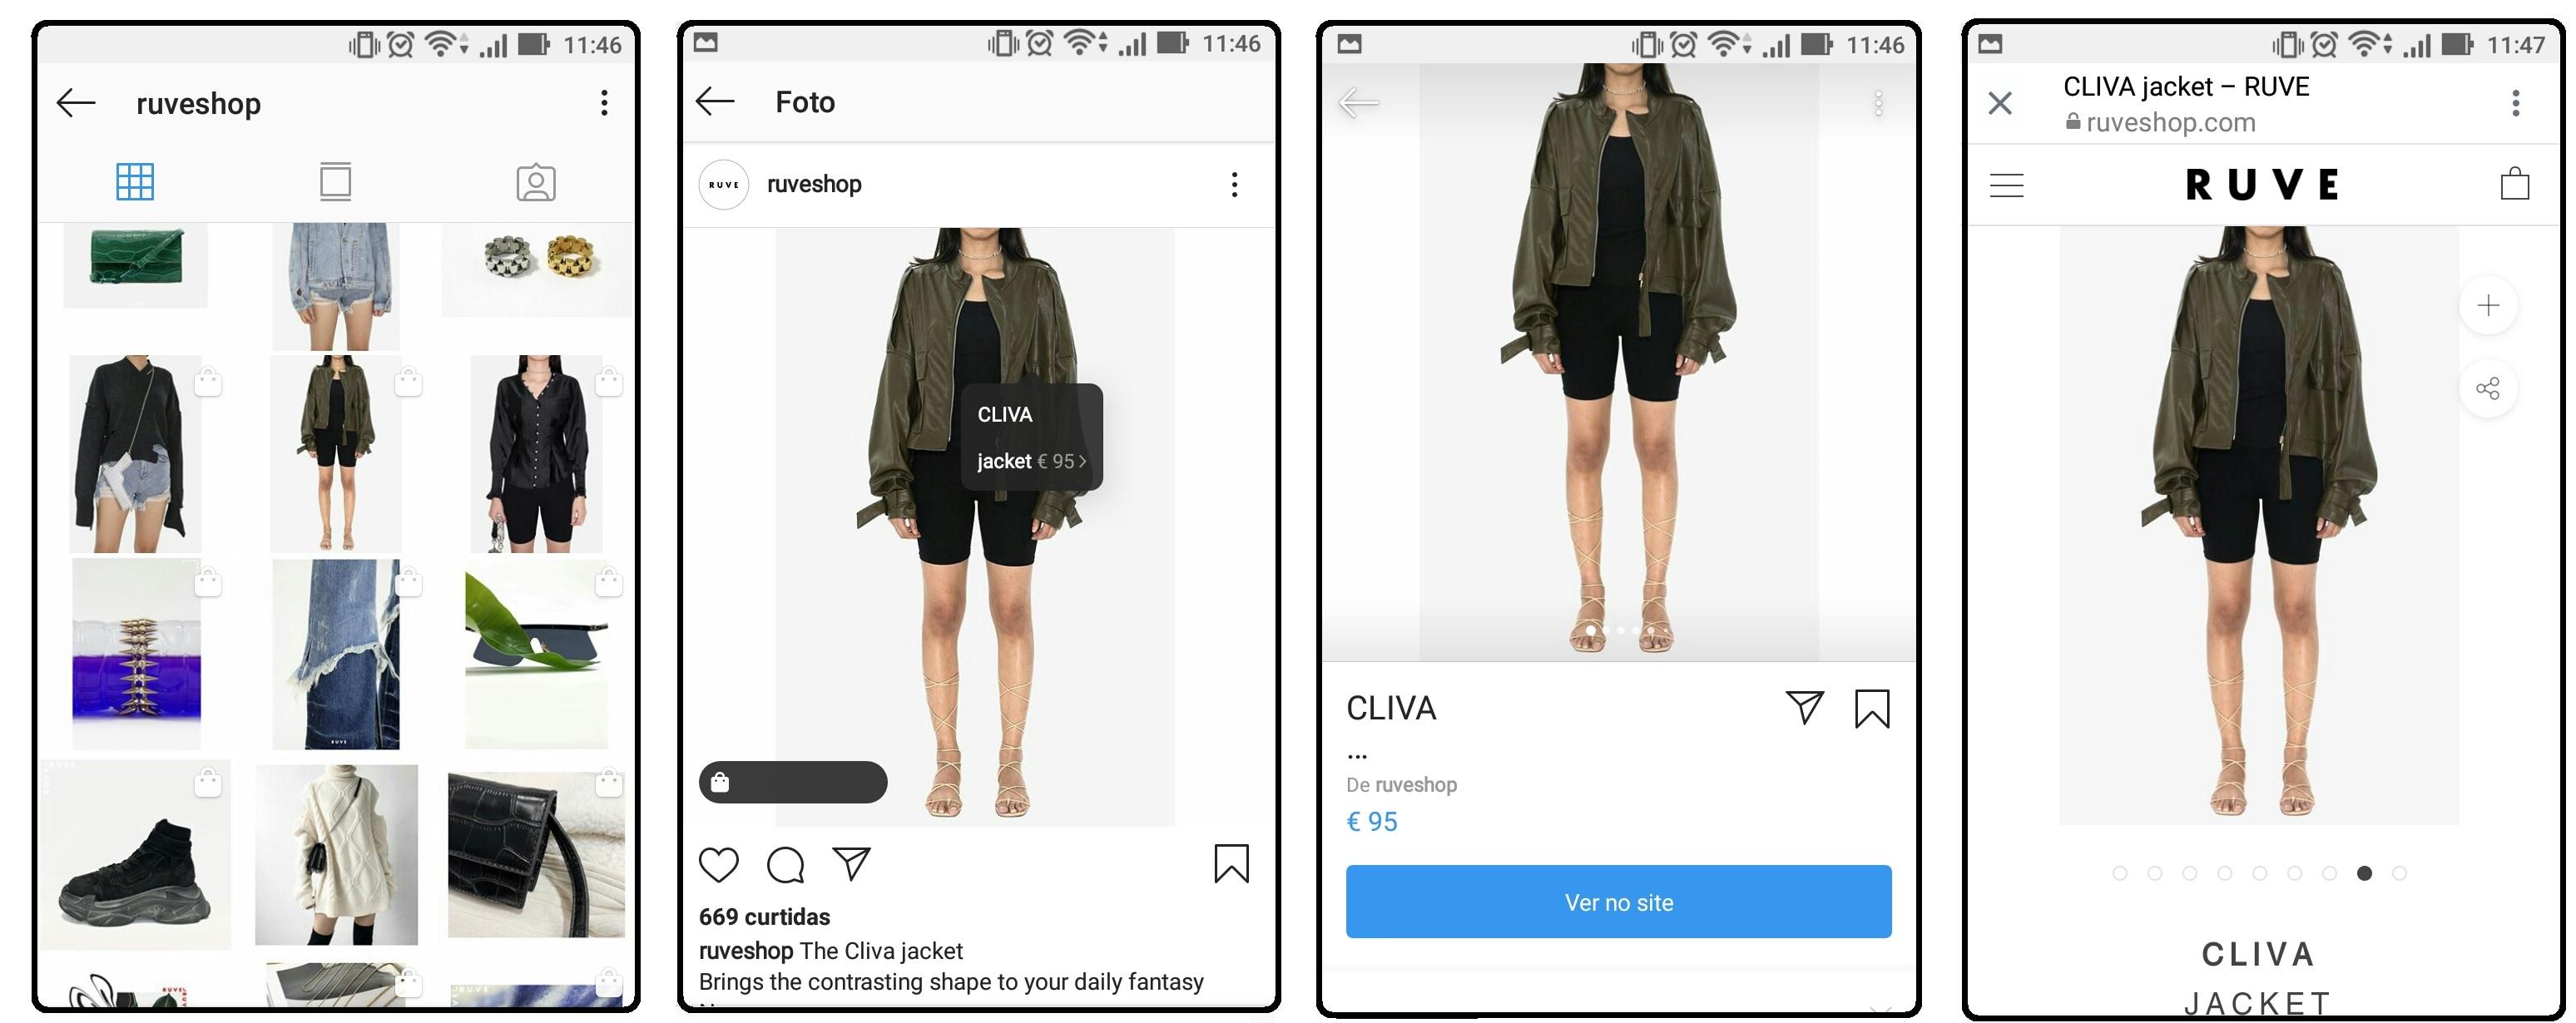 Passo a passo de como vender pelo Instagram Shop